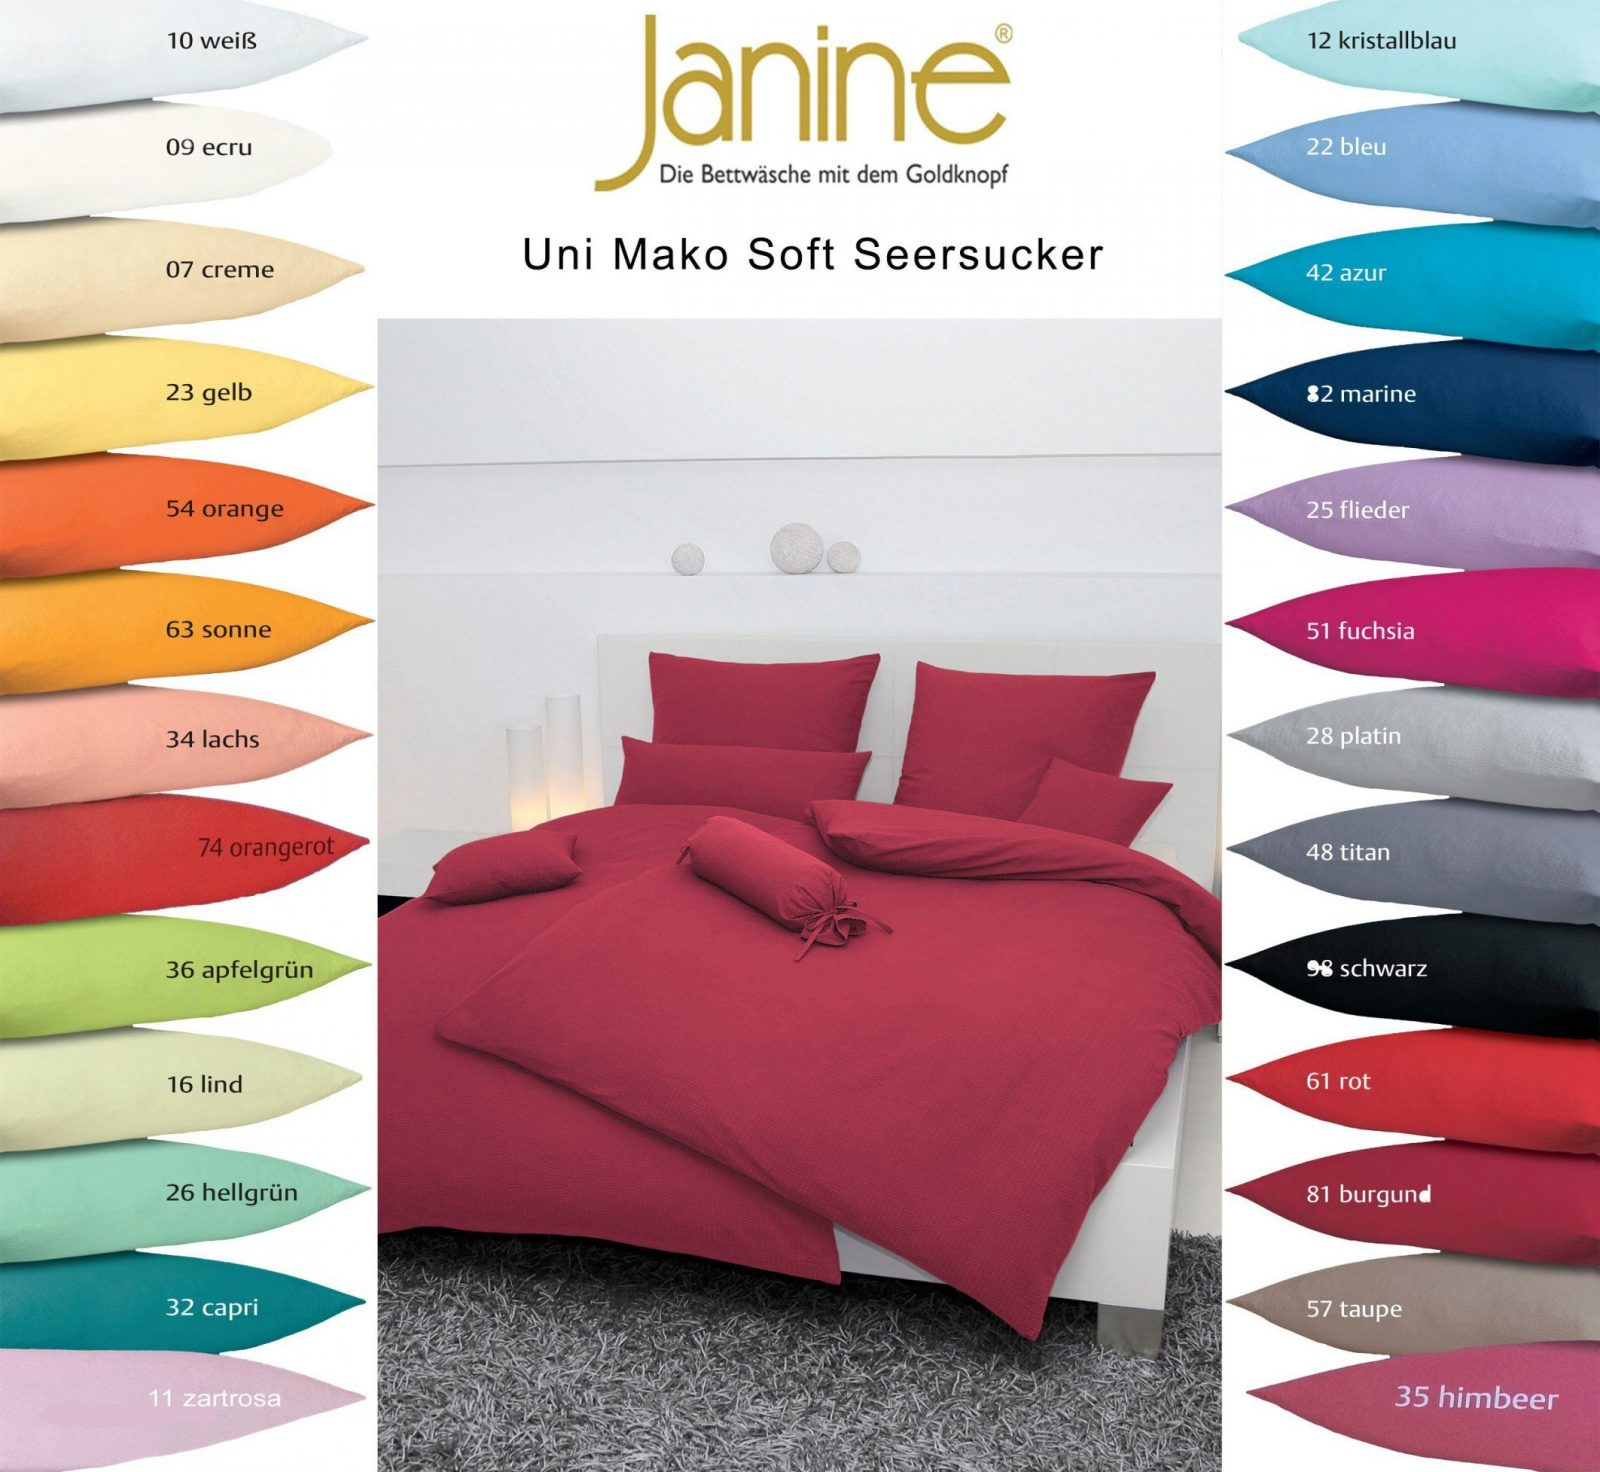 Janine Uni Mako Soft Seersucker Bettwäsche 135X200 155X200 155X220 von Soft Seersucker Bettwäsche 135X200 Bild